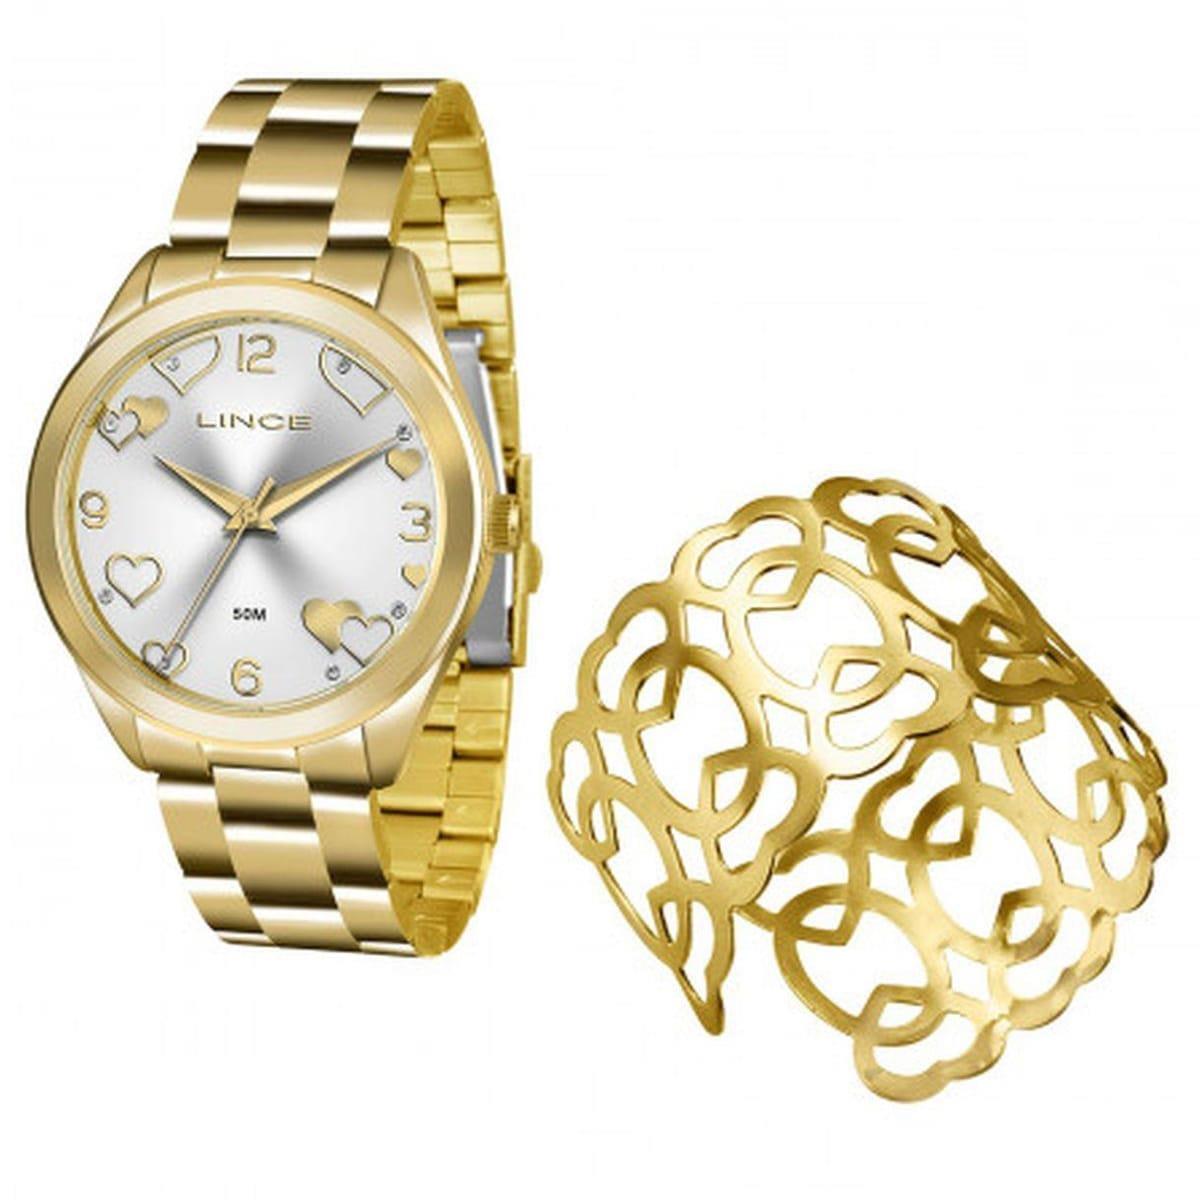 fe5dbab433a Relógio Feminino Lince Analógico LRG4392L K196 Kit Bracelete